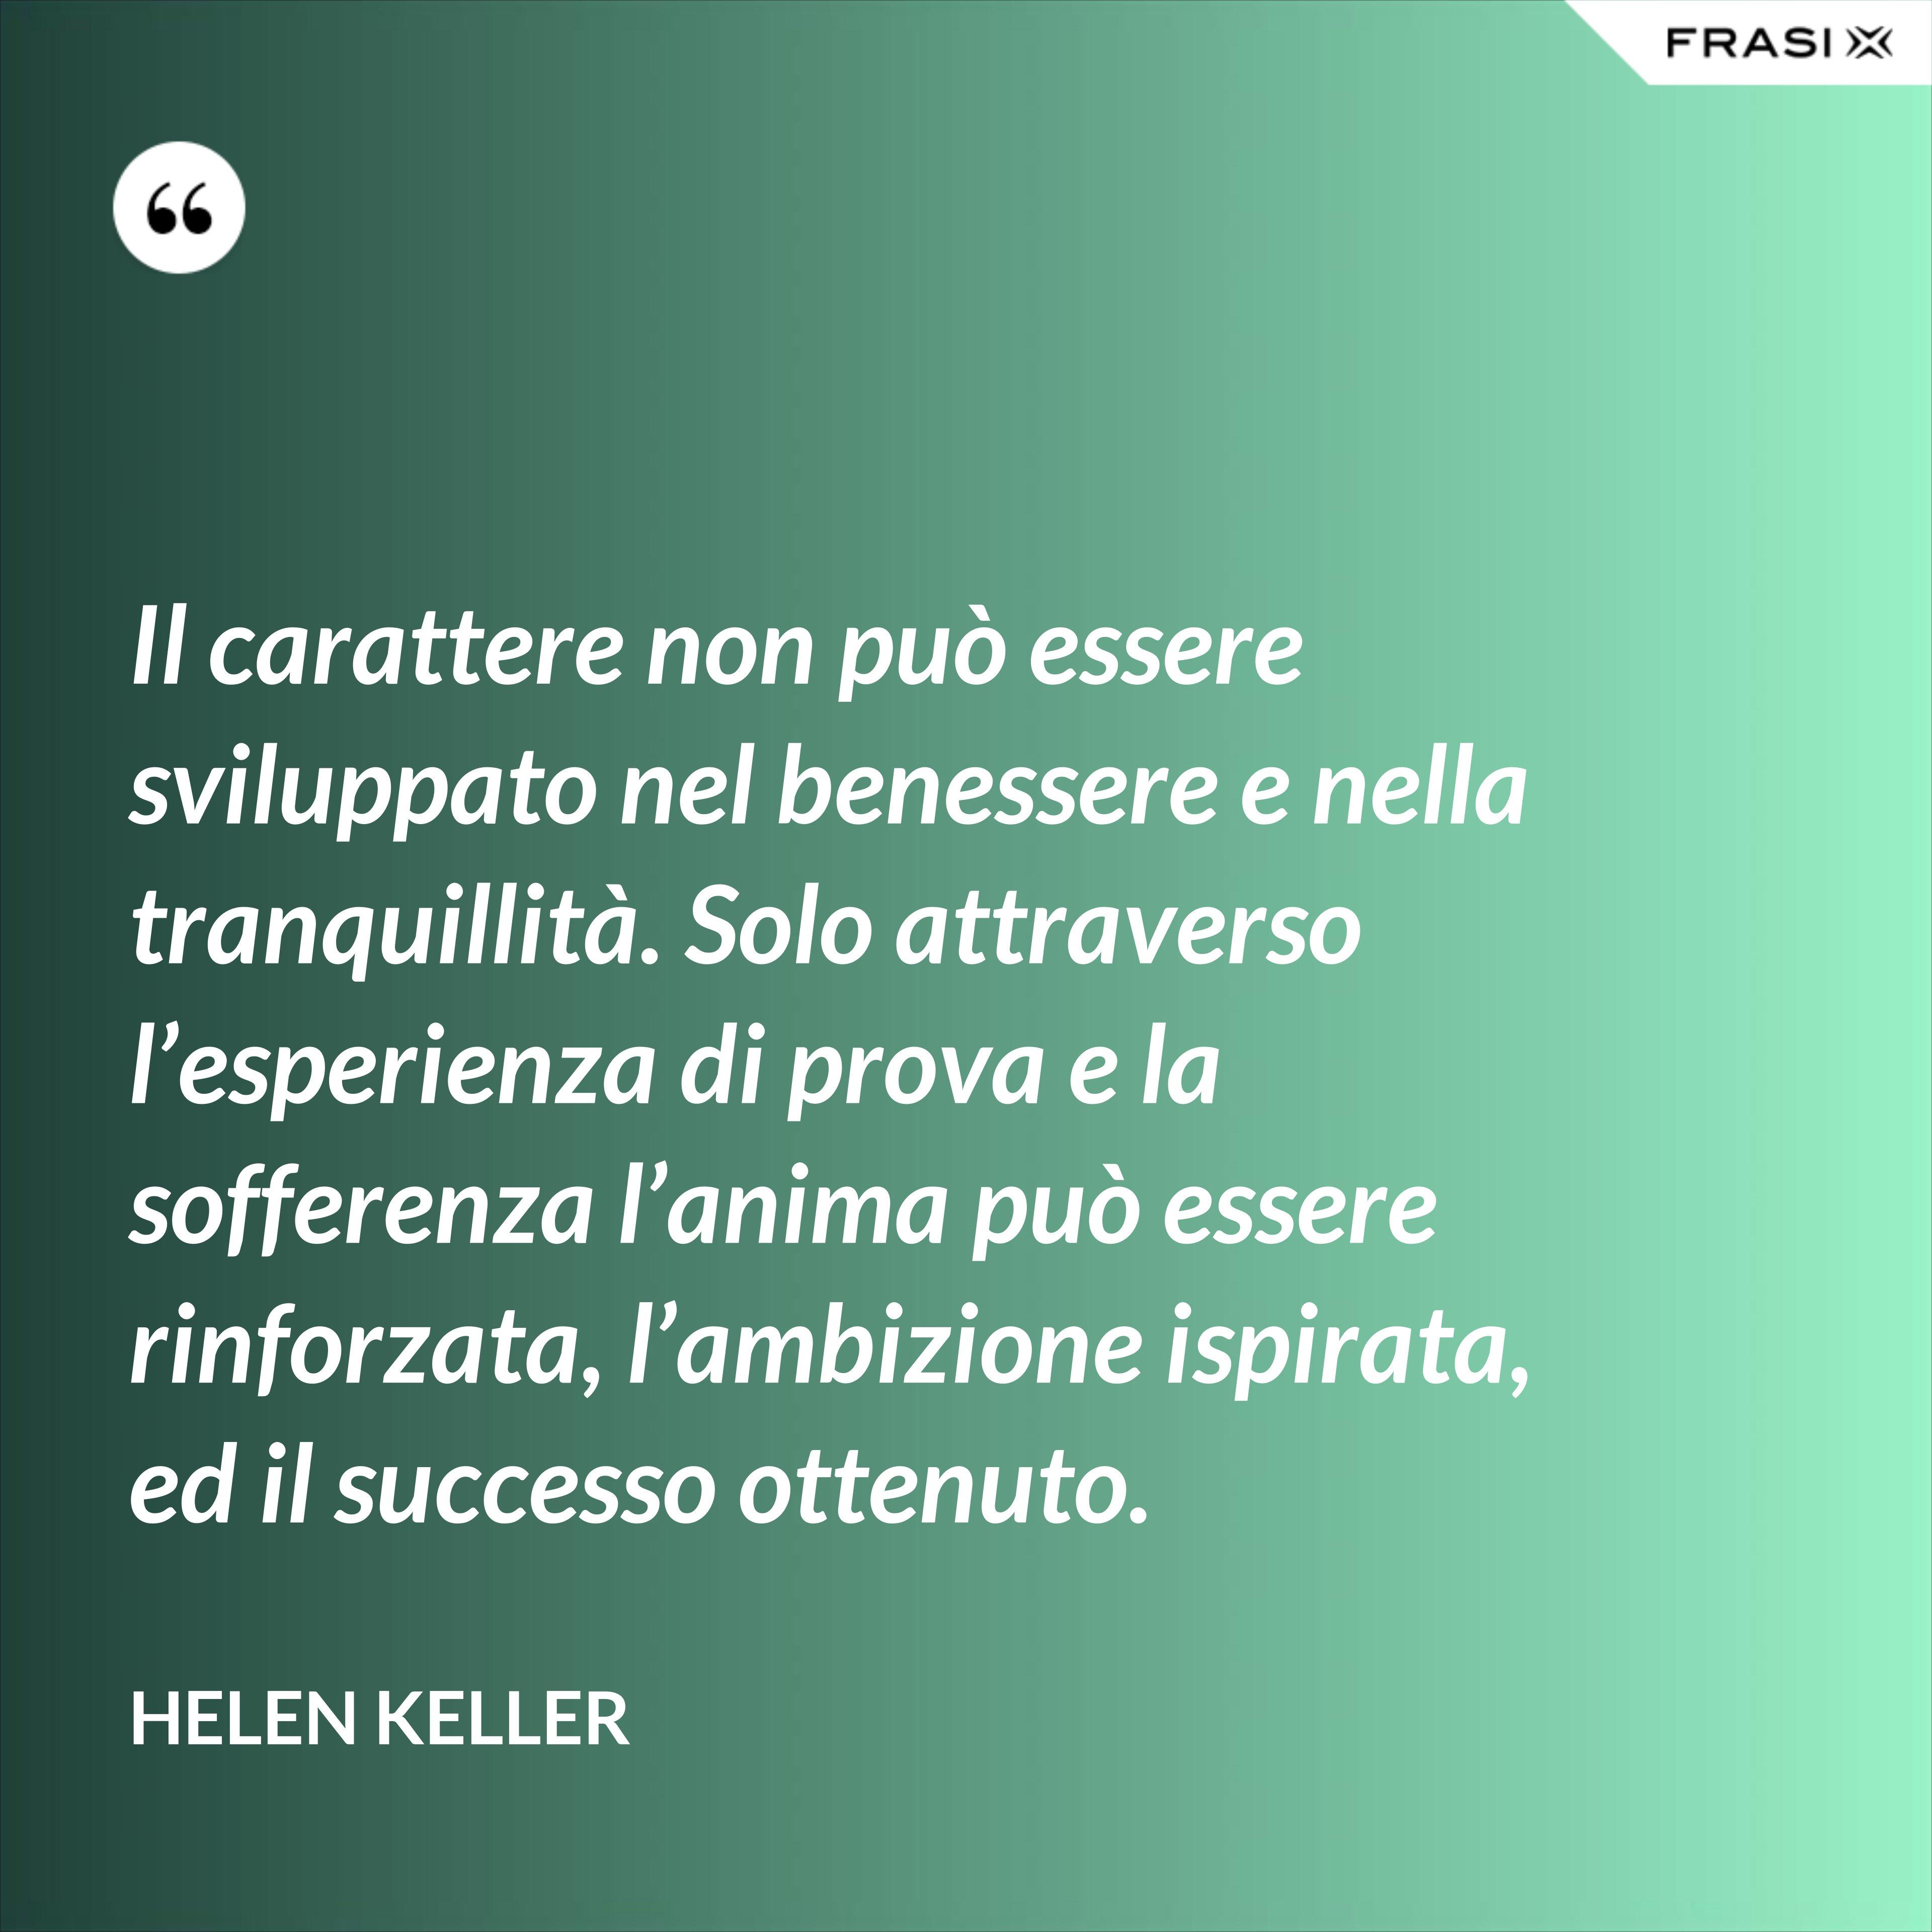 Il carattere non può essere sviluppato nel benessere e nella tranquillità. Solo attraverso l'esperienza di prova e la sofferenza l'anima può essere rinforzata, l'ambizione ispirata, ed il successo ottenuto. - Helen Keller